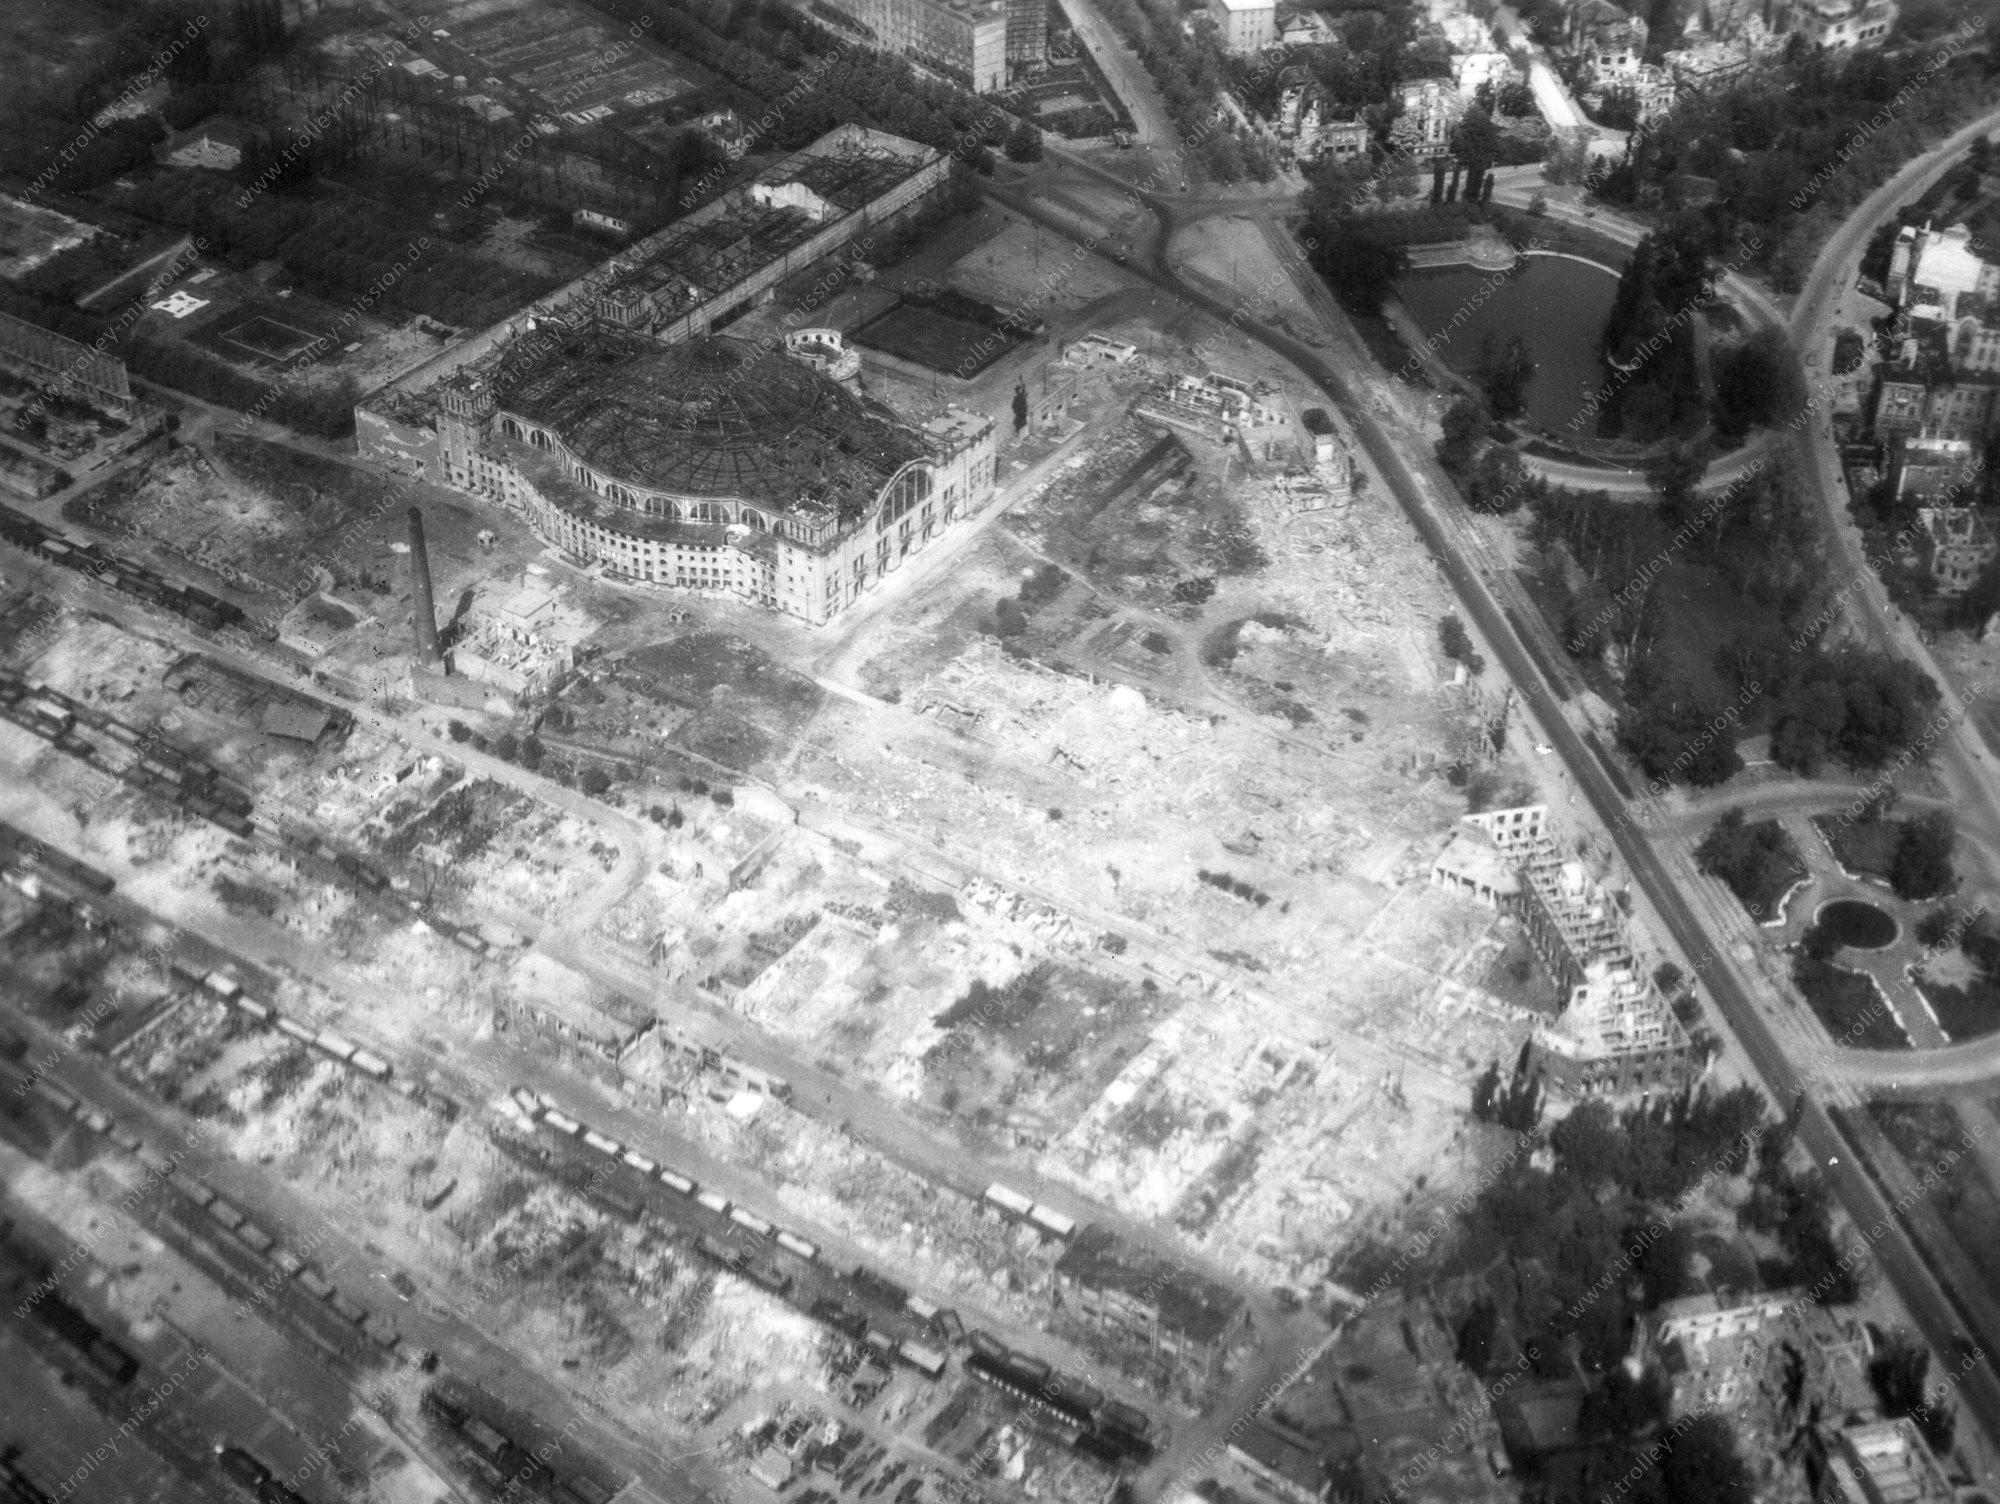 Festhalle bzw. Messehalle Frankfurt am Main - Luftbild Zweiter Weltkrieg